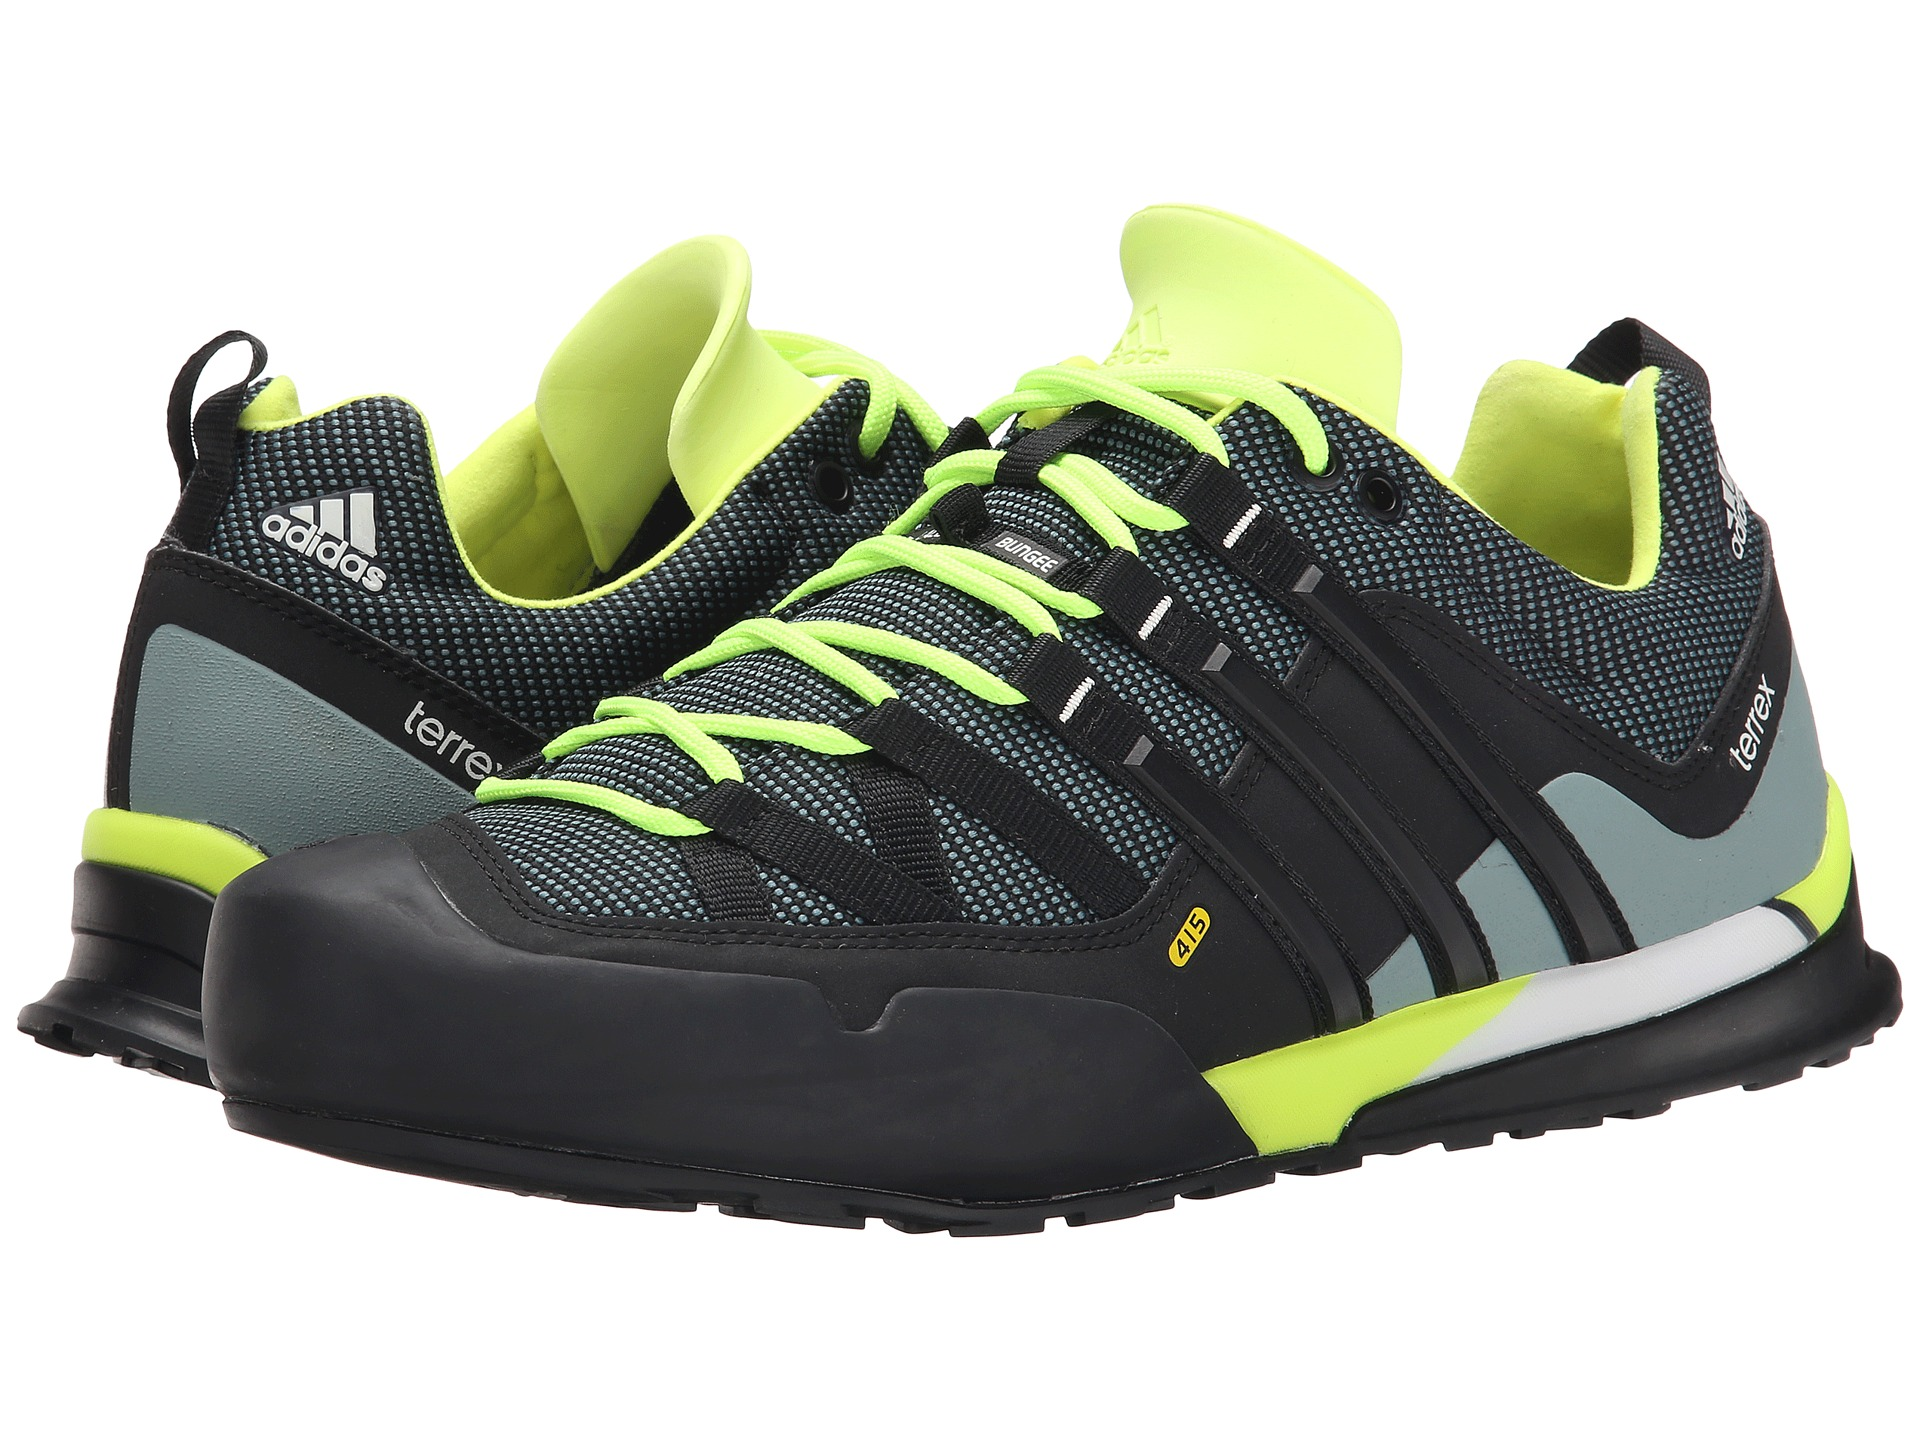 Adidas Outdoor Terrex Solo Approach Shoe